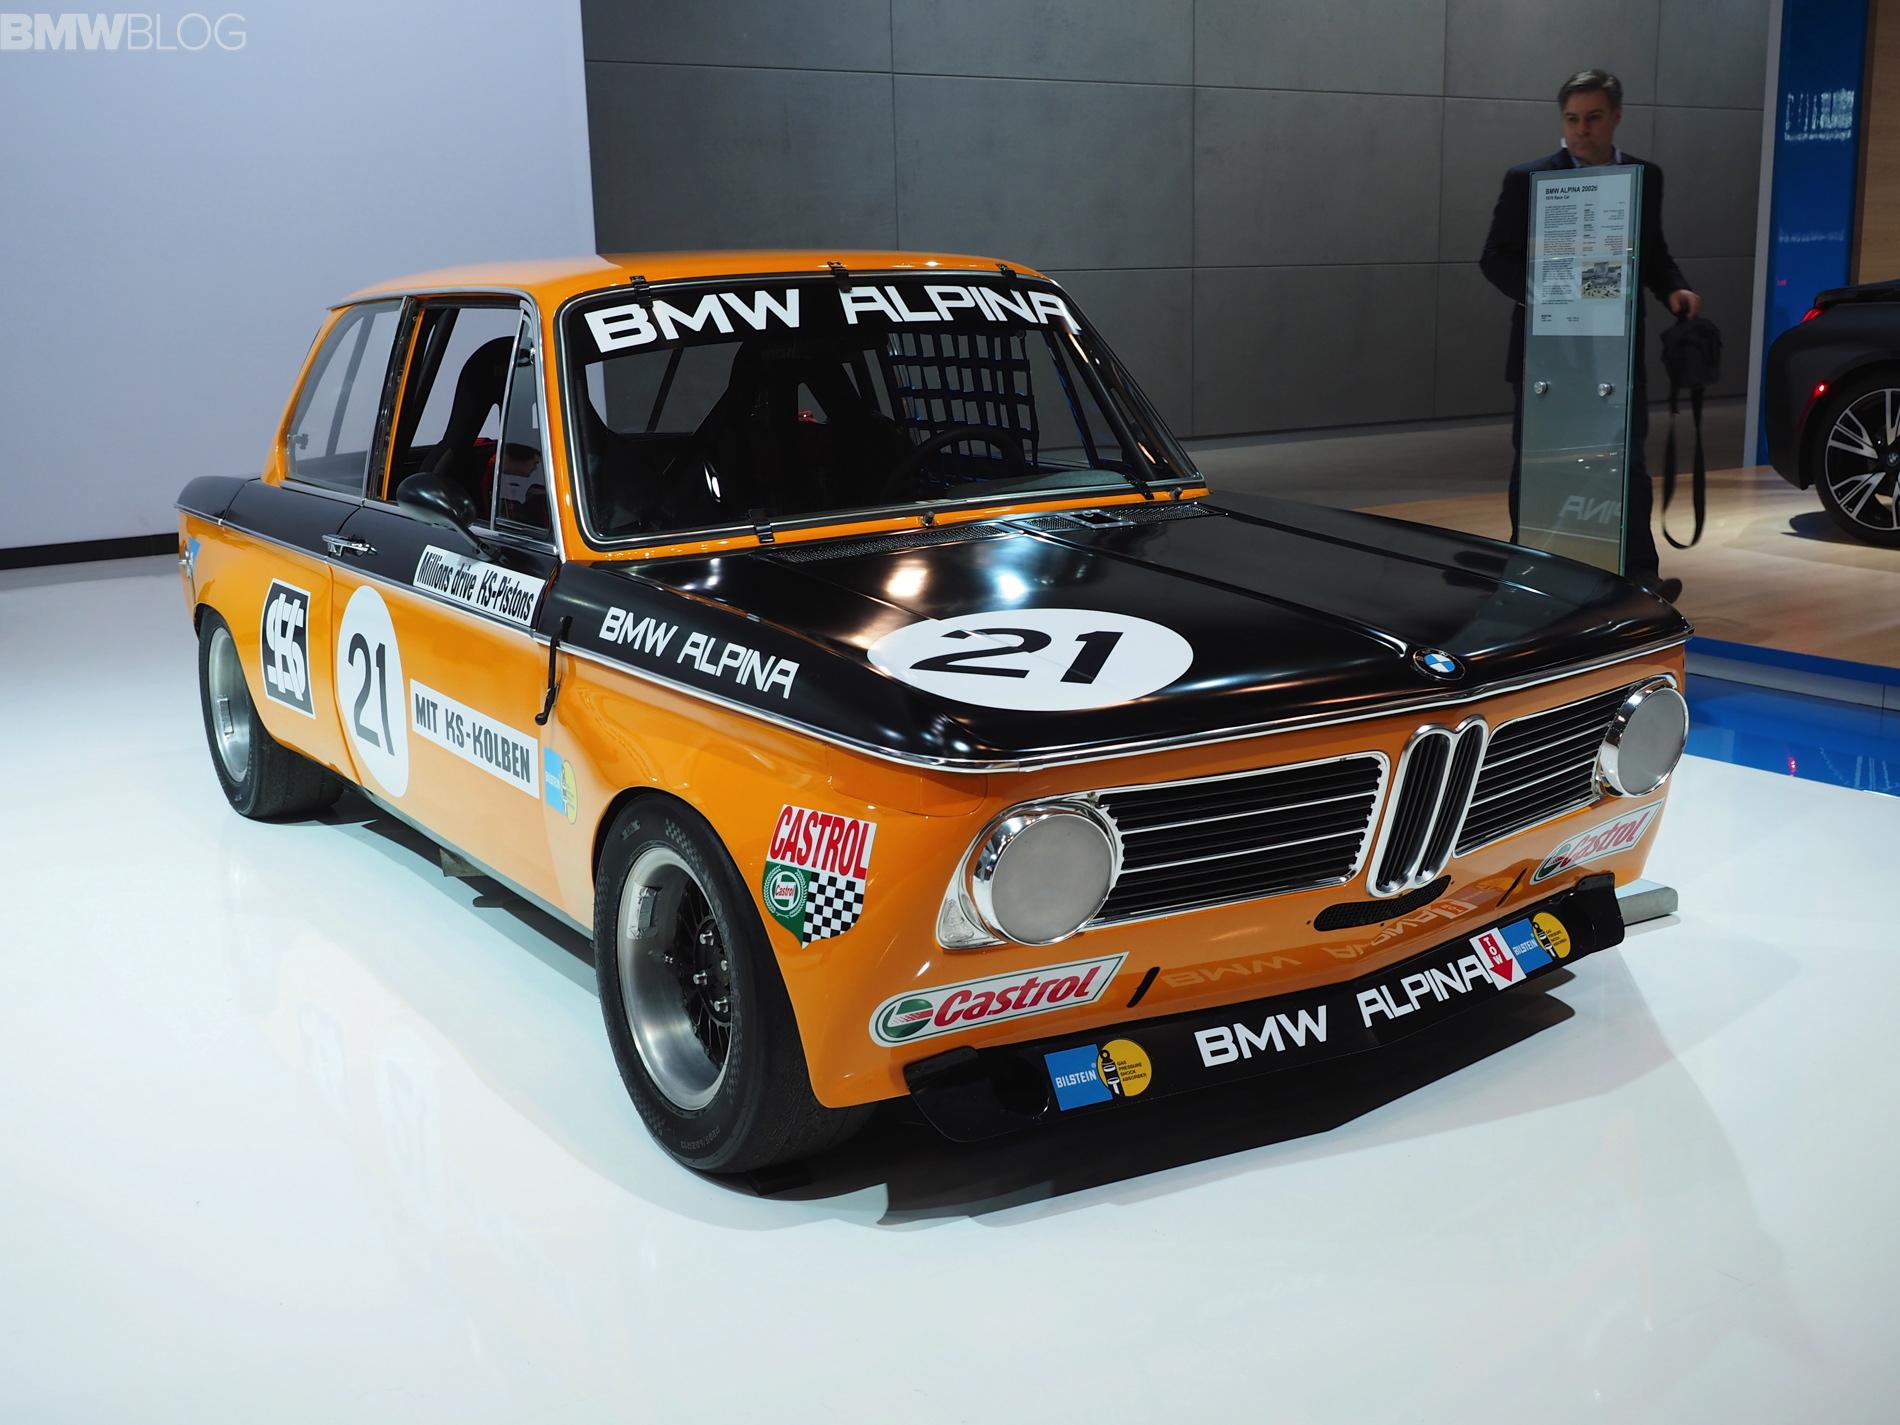 1970 BMW ALPINA 2002ti images 10